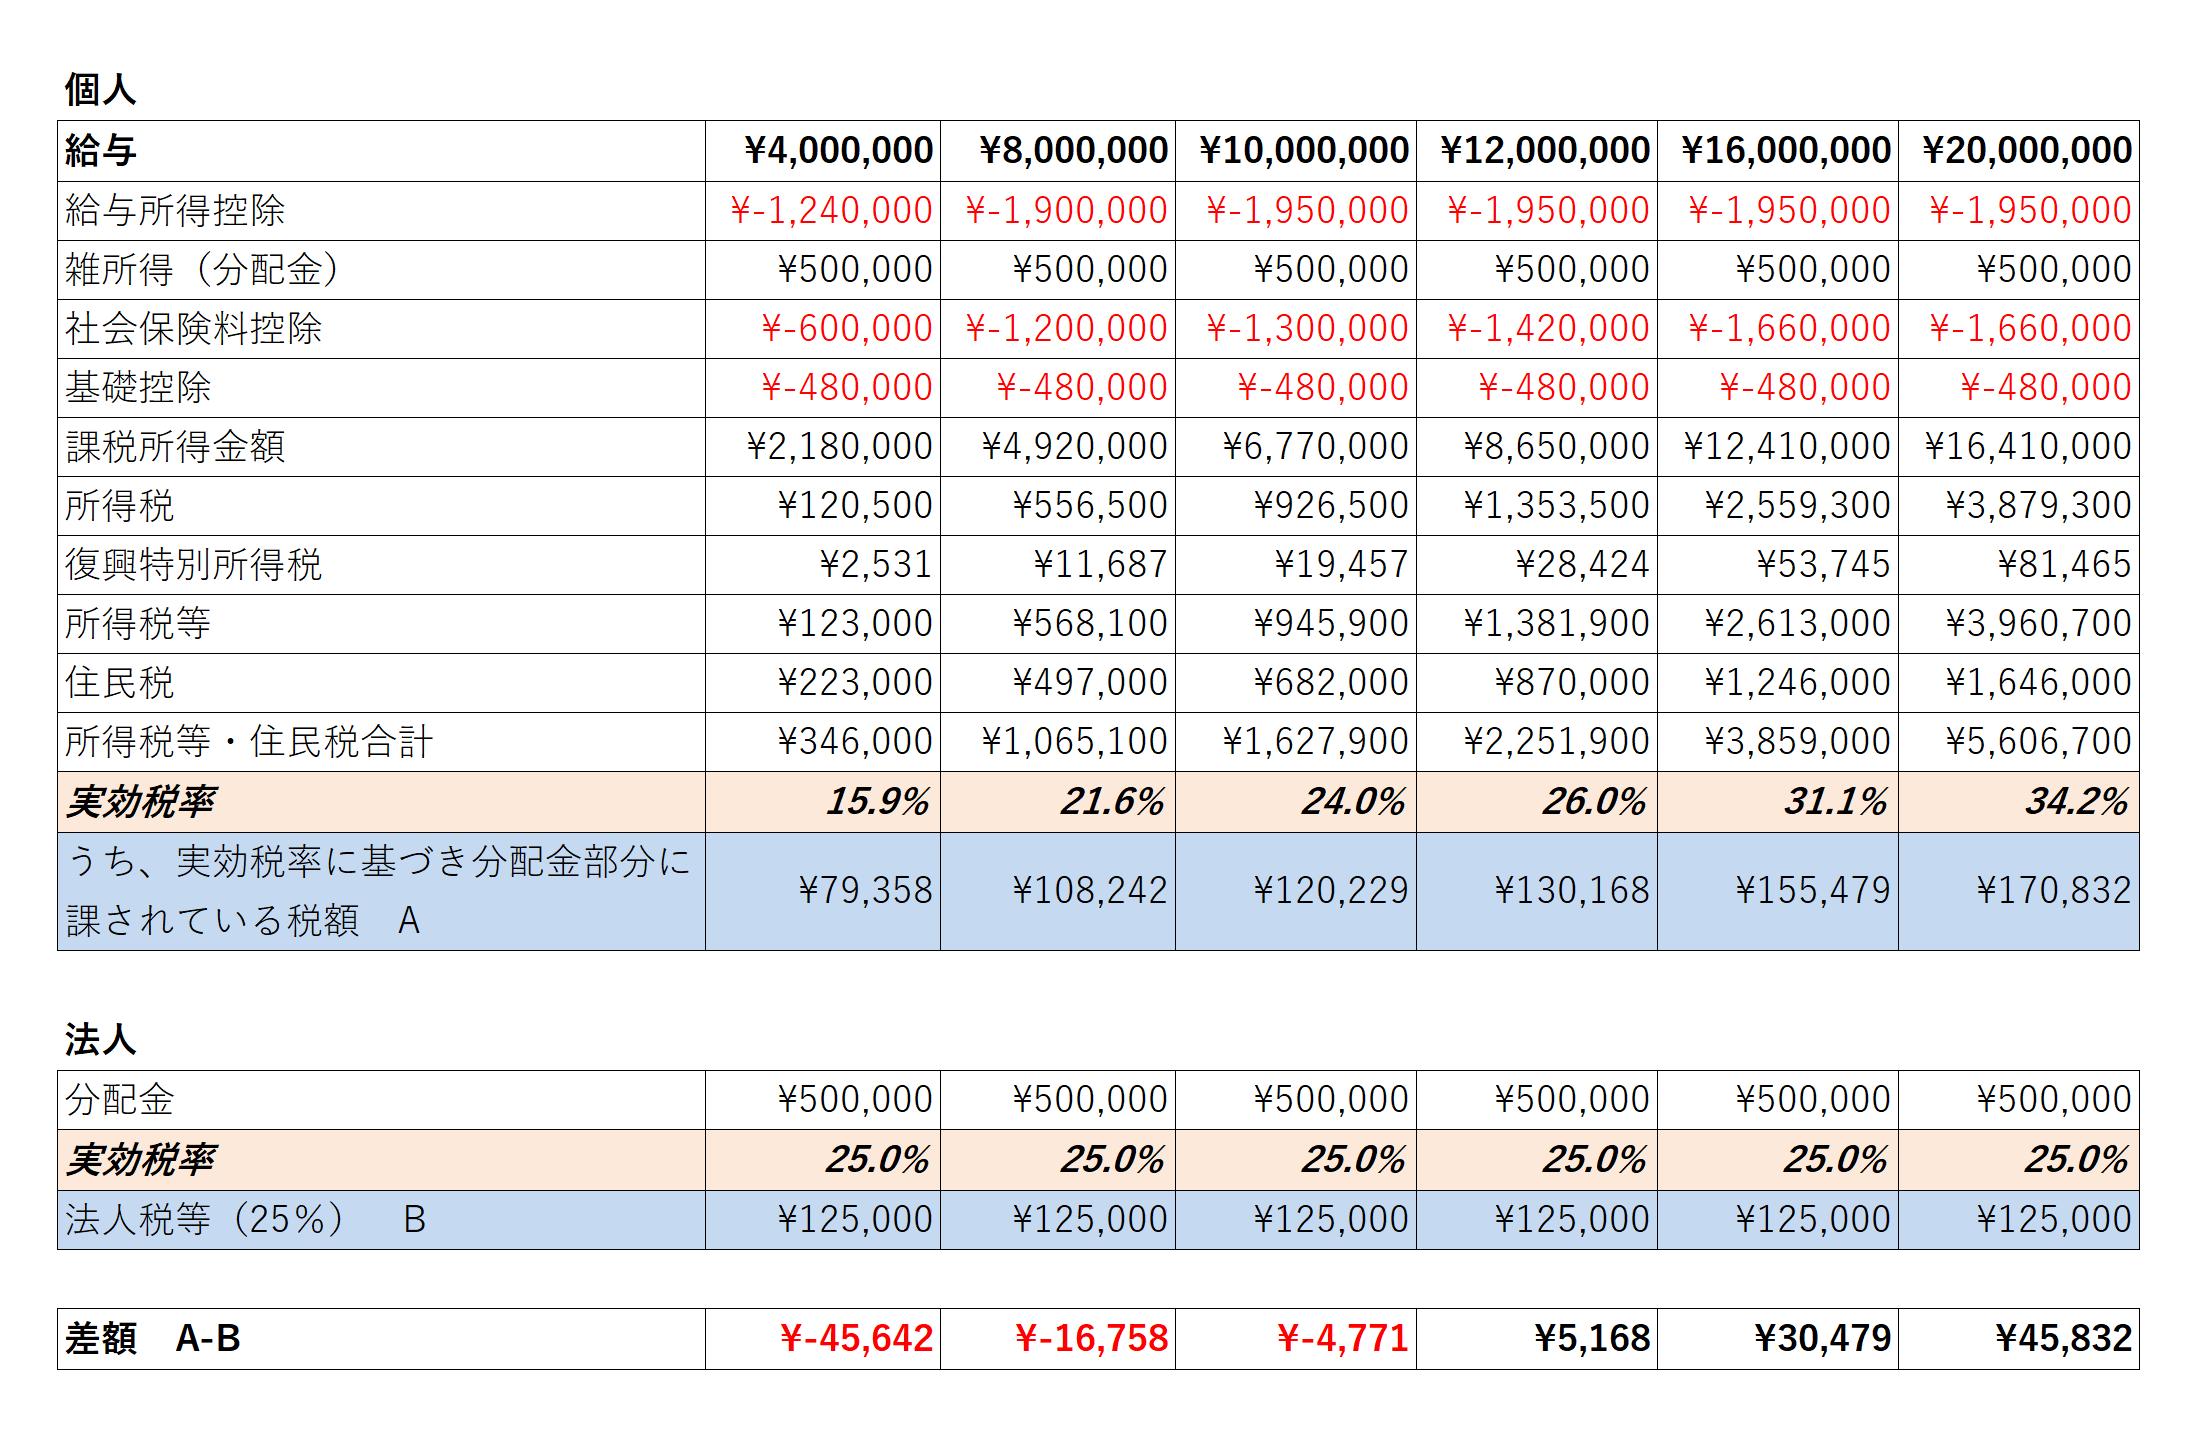 201223_法人税